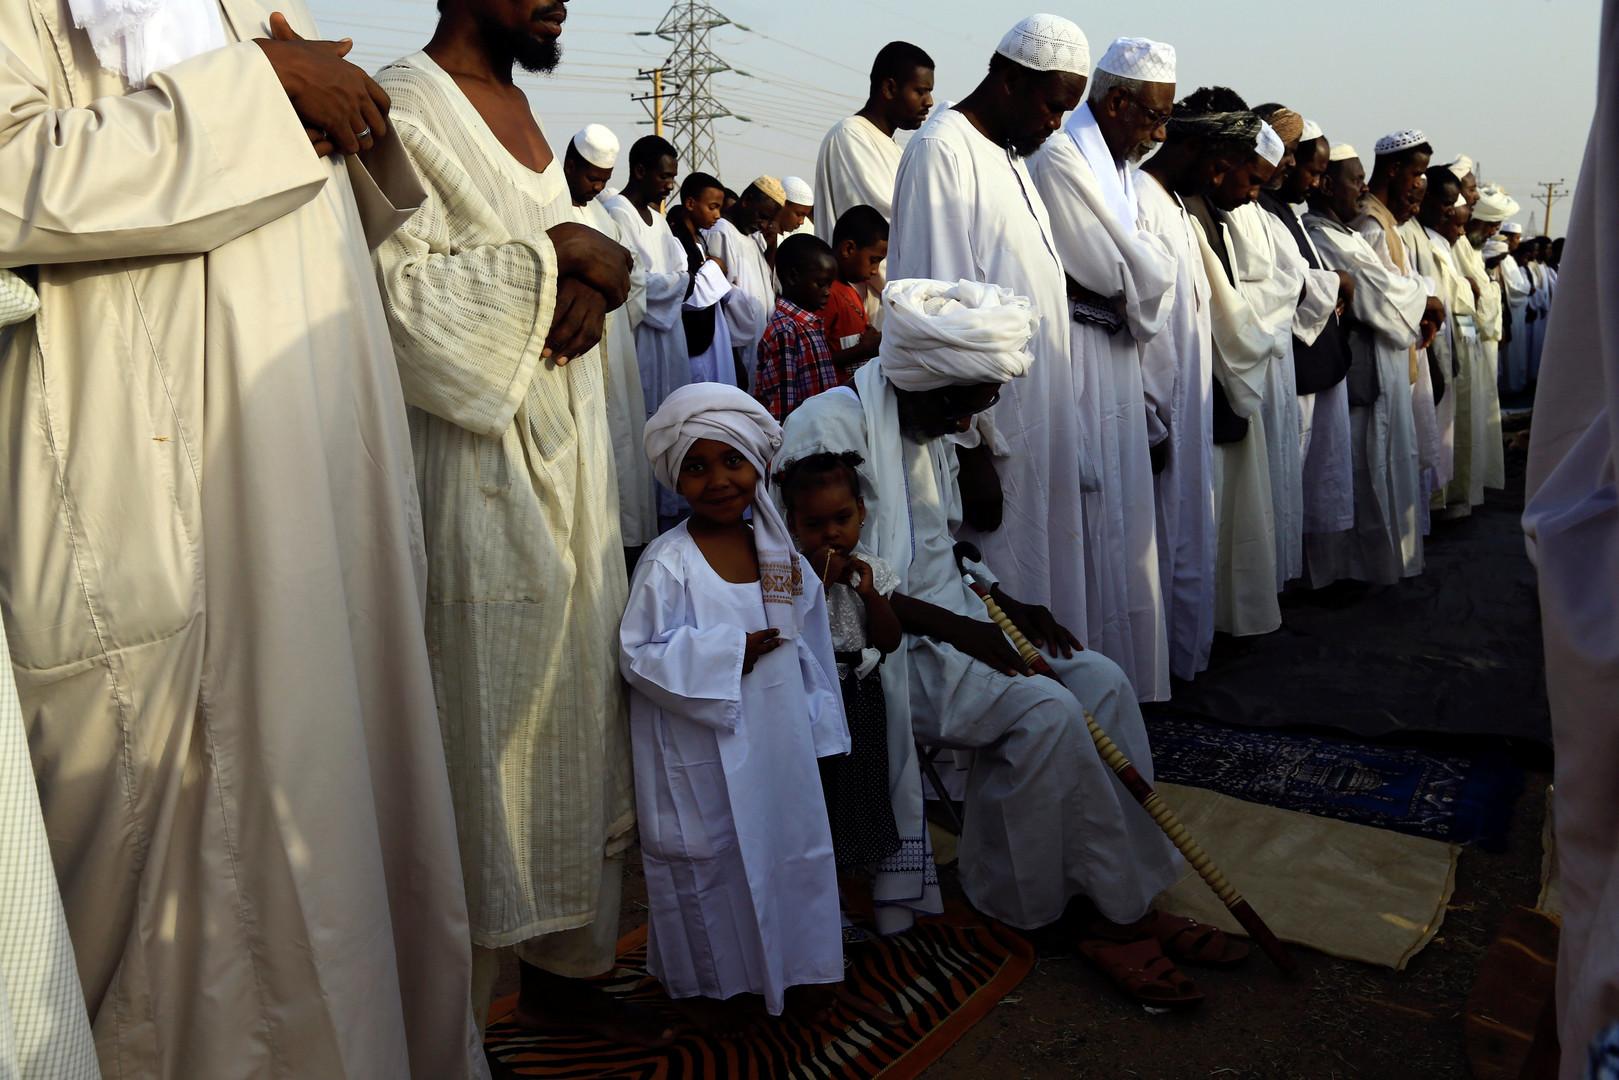 Des fidèles se rassemblent pour célébrer l'Aïd, à Khartoum.